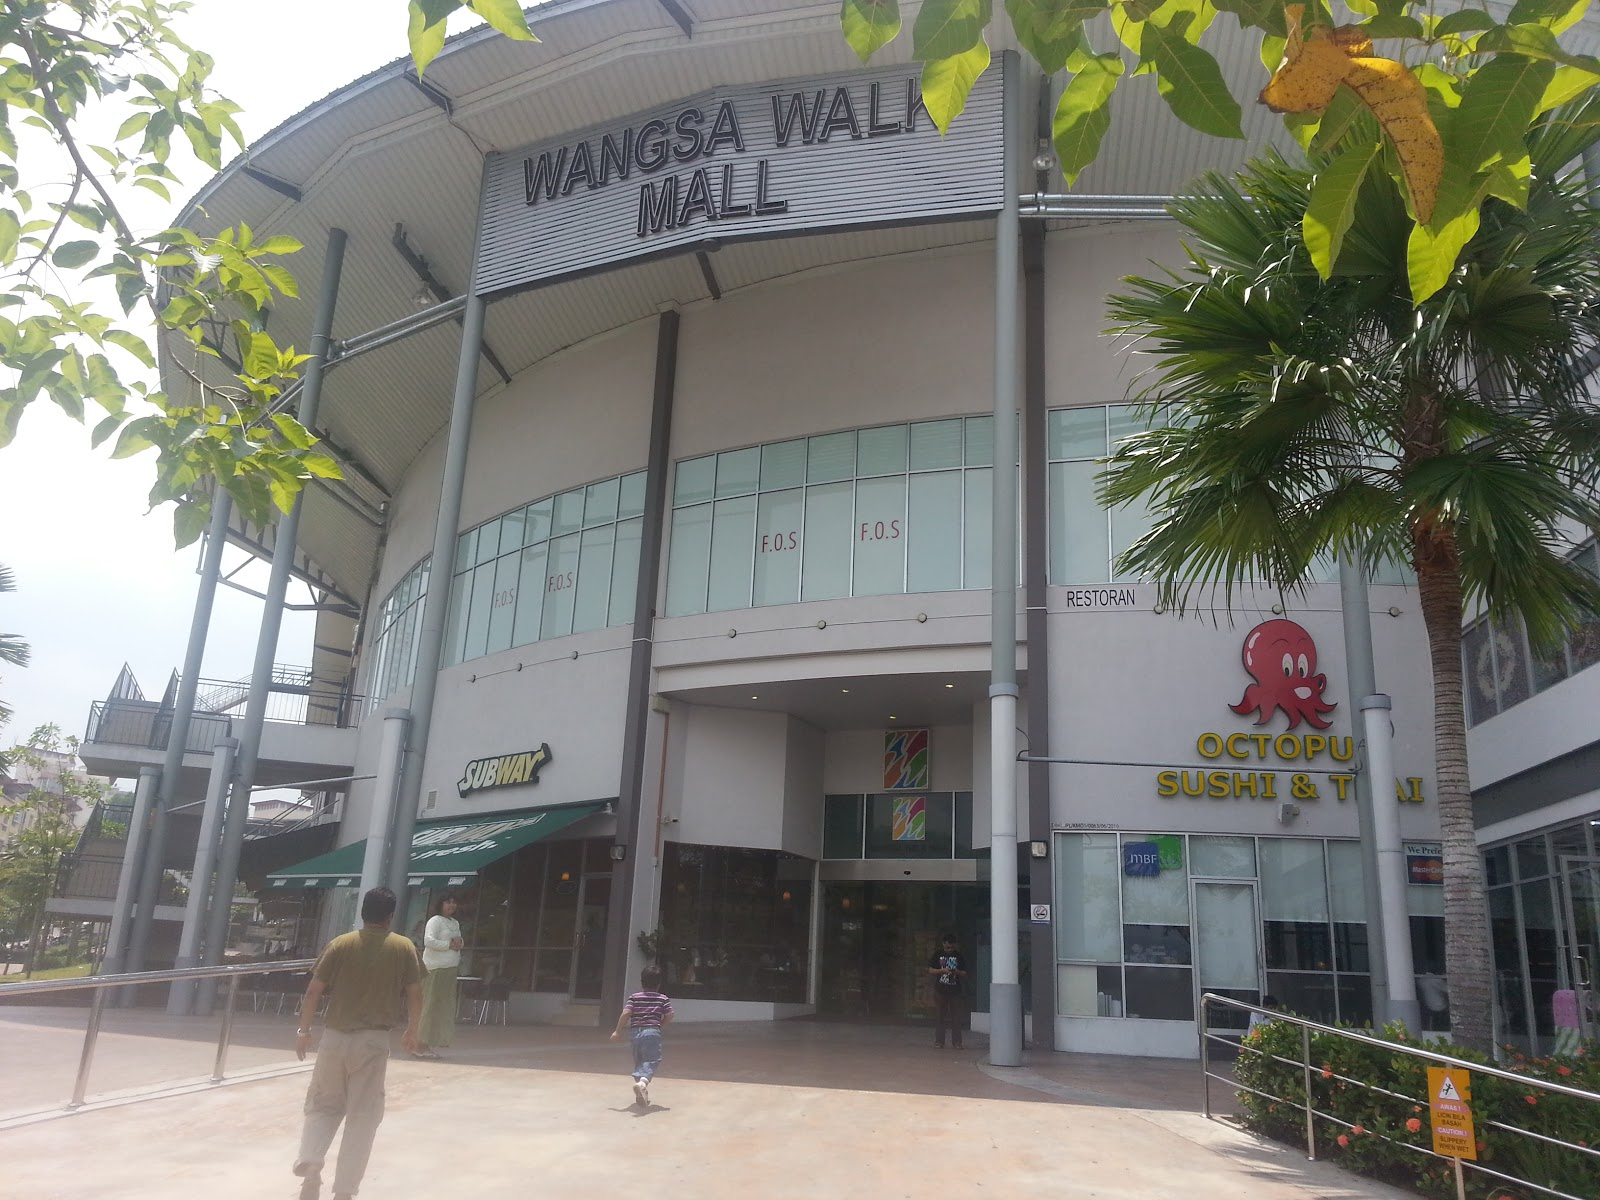 Wangsa Walk Mall - Wangsa Maju에서 쇼핑몰일